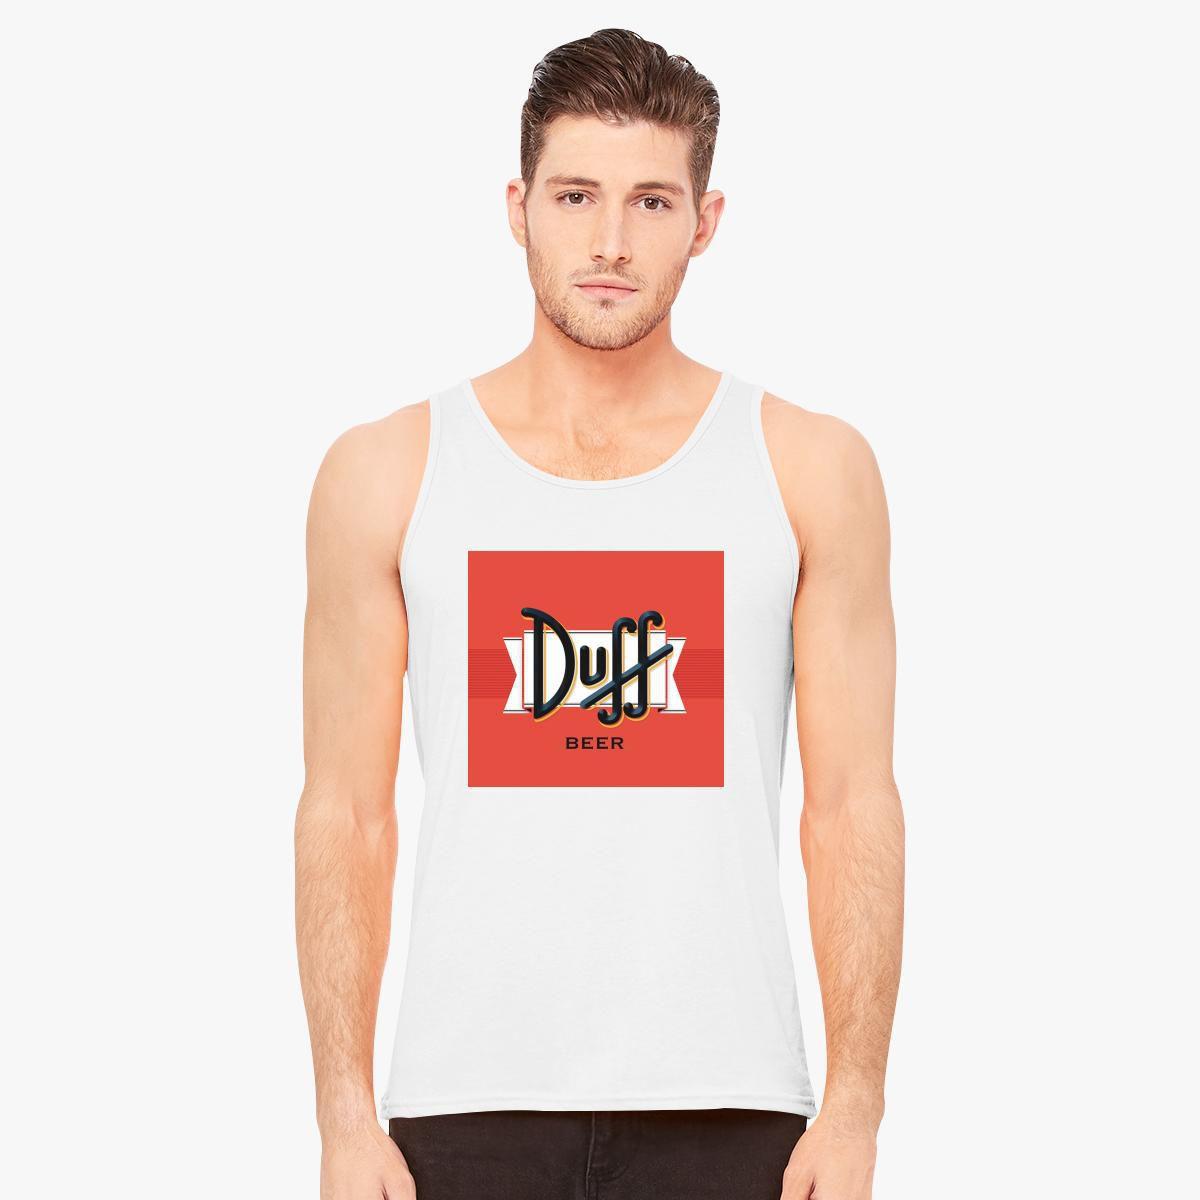 f3fb0f7a416ef Duff Beer Logo Men s Tank Top - Customon